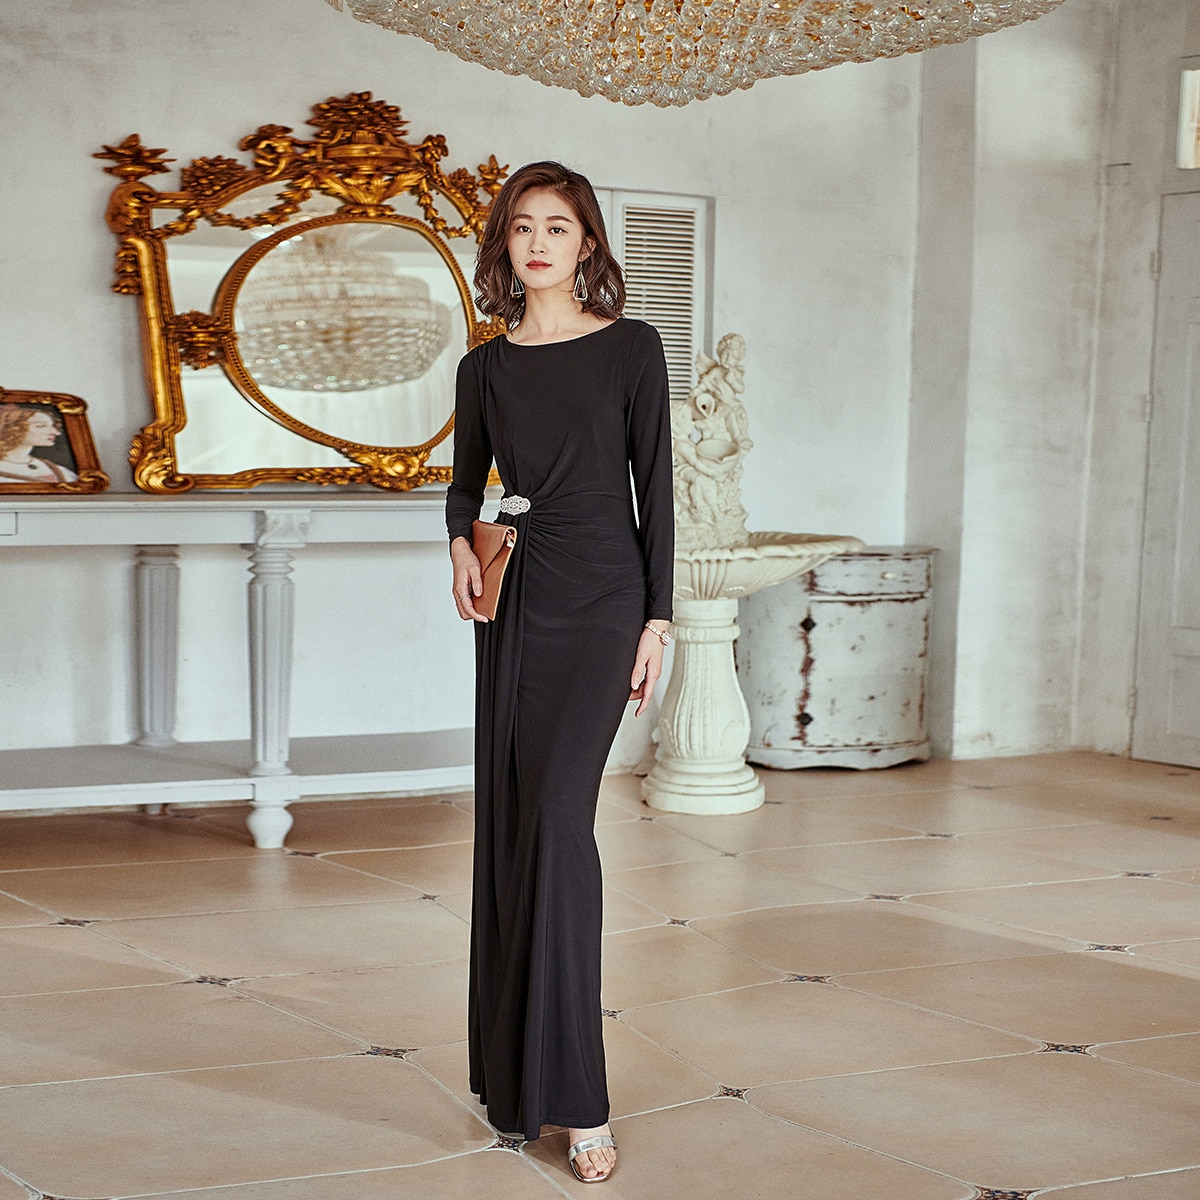 موضة 2021 فستان أسود طويل مستقيم ملابس مسائية نسائية للمكتب مطرز برقبة دائرية فستان نسائي طويل الأكمام